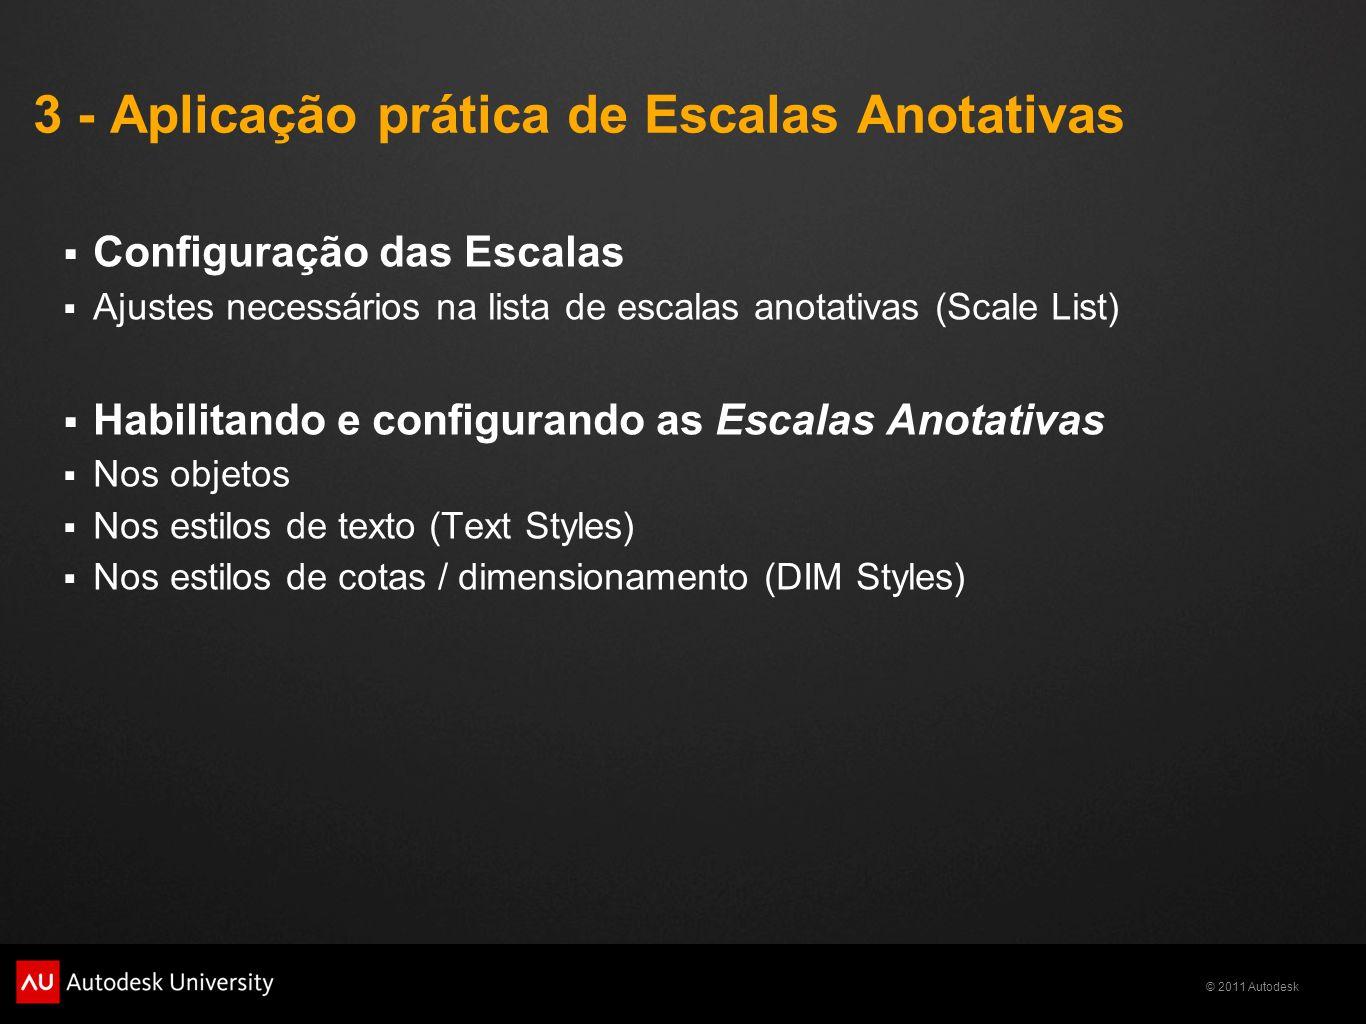 3 - Aplicação prática de Escalas Anotativas